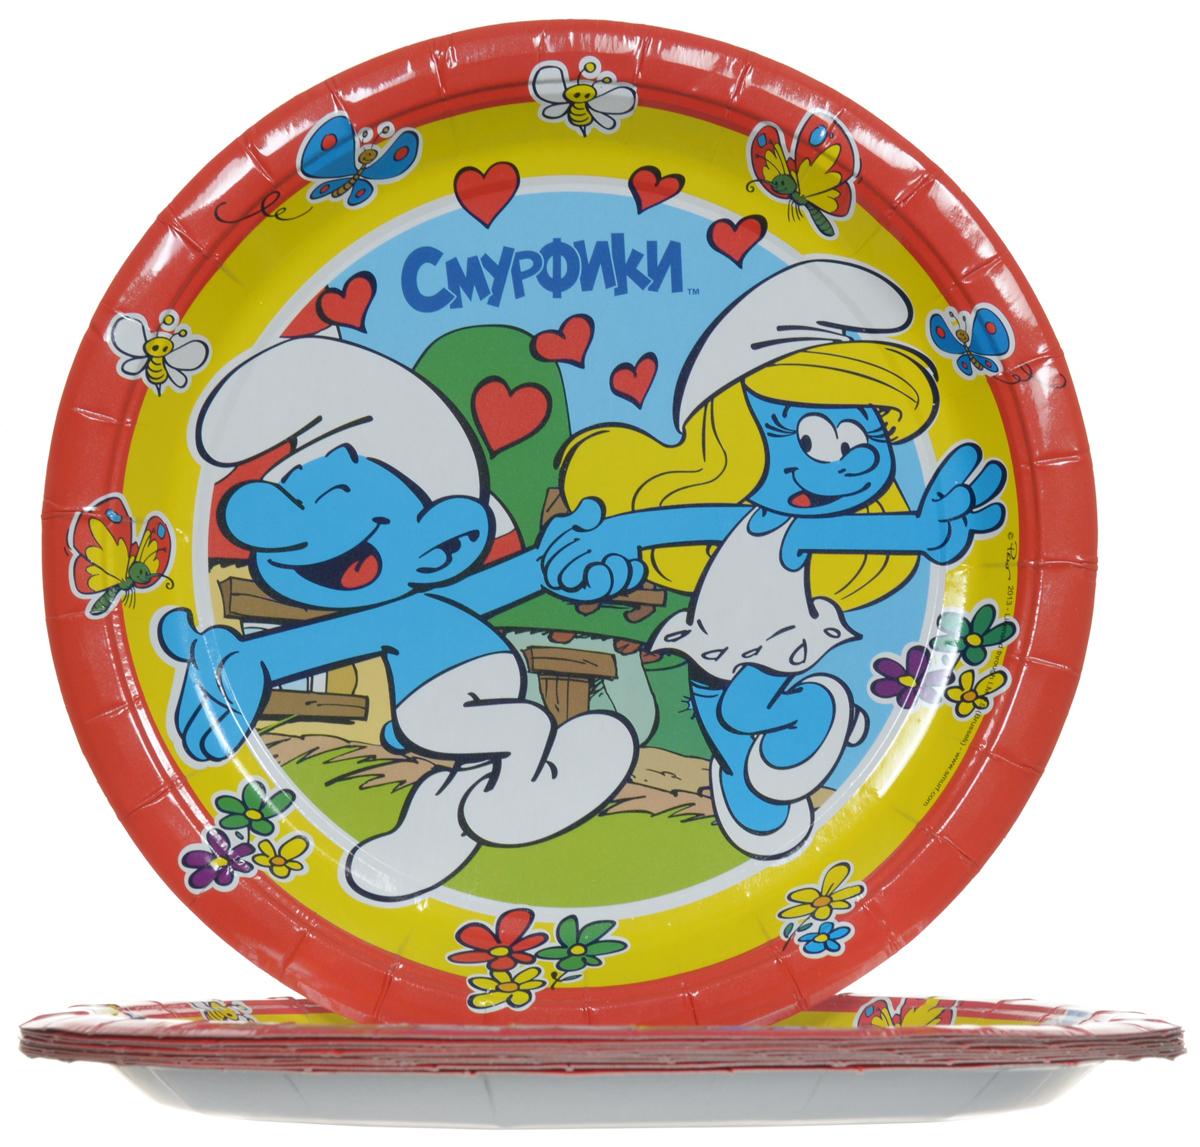 Смурфики Набор одноразовых тарелок цвет красный 10 шт